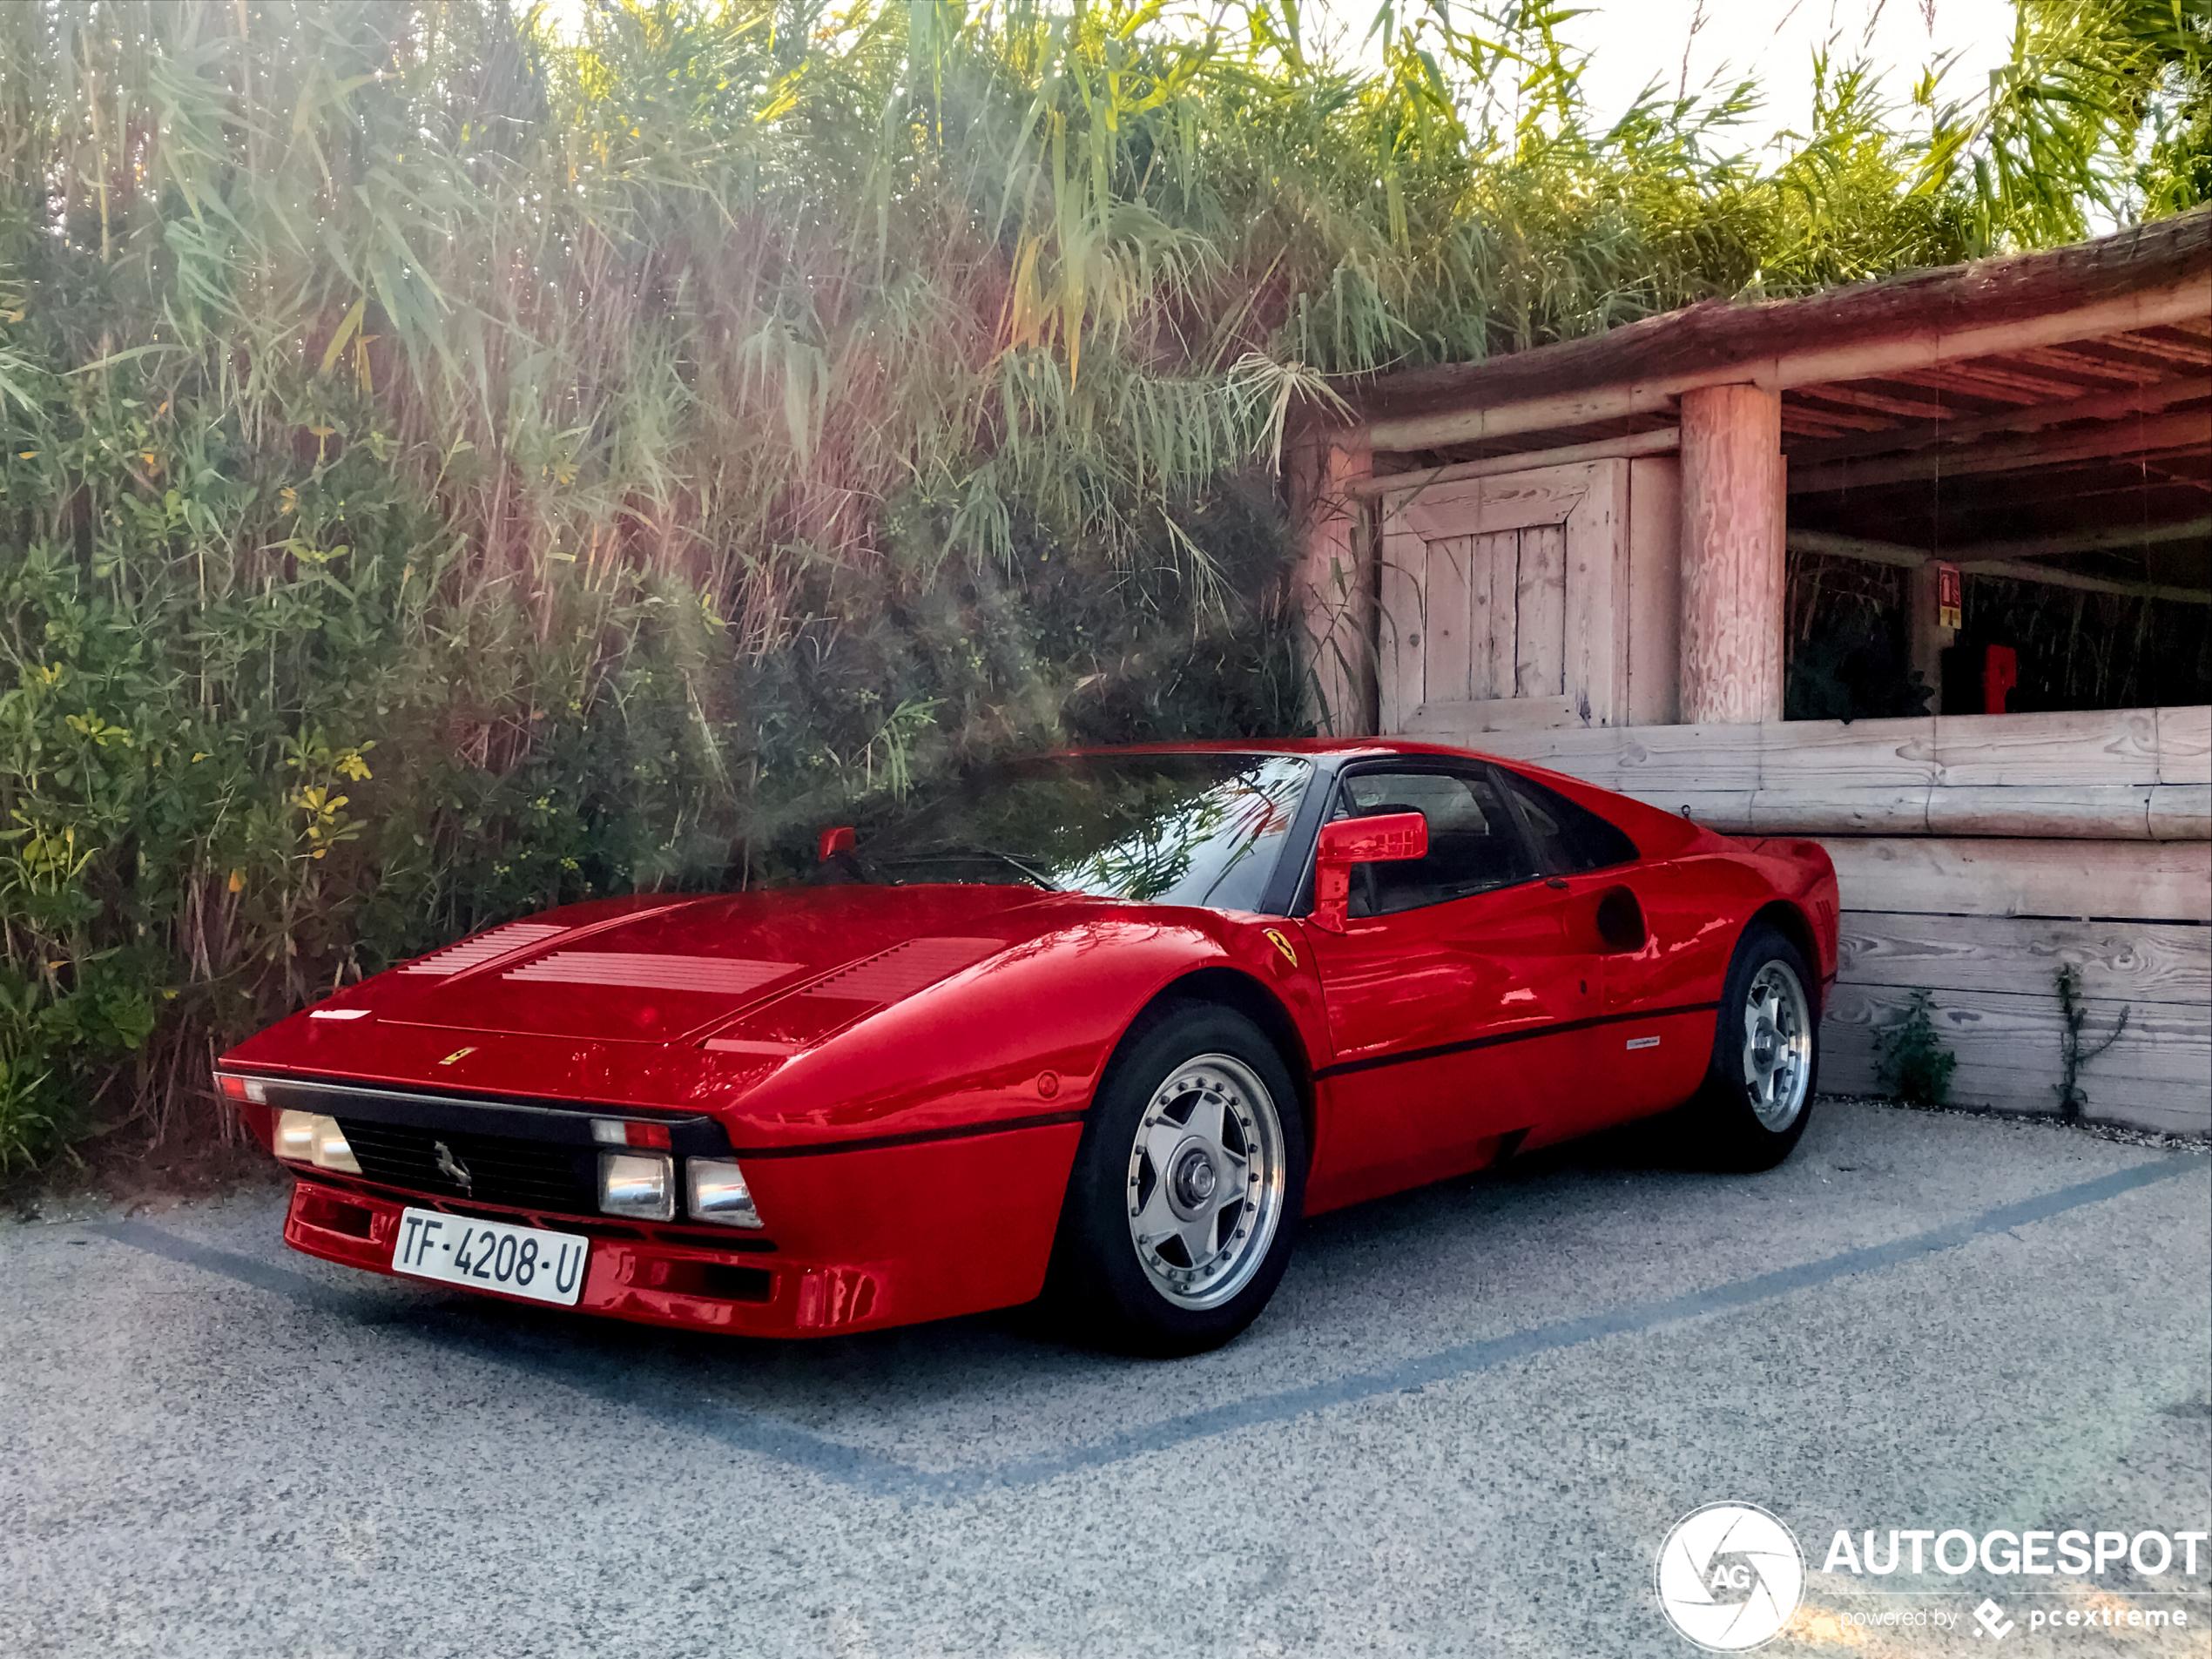 Ferrari 288 GTO duikt na lange tijd weer eens op